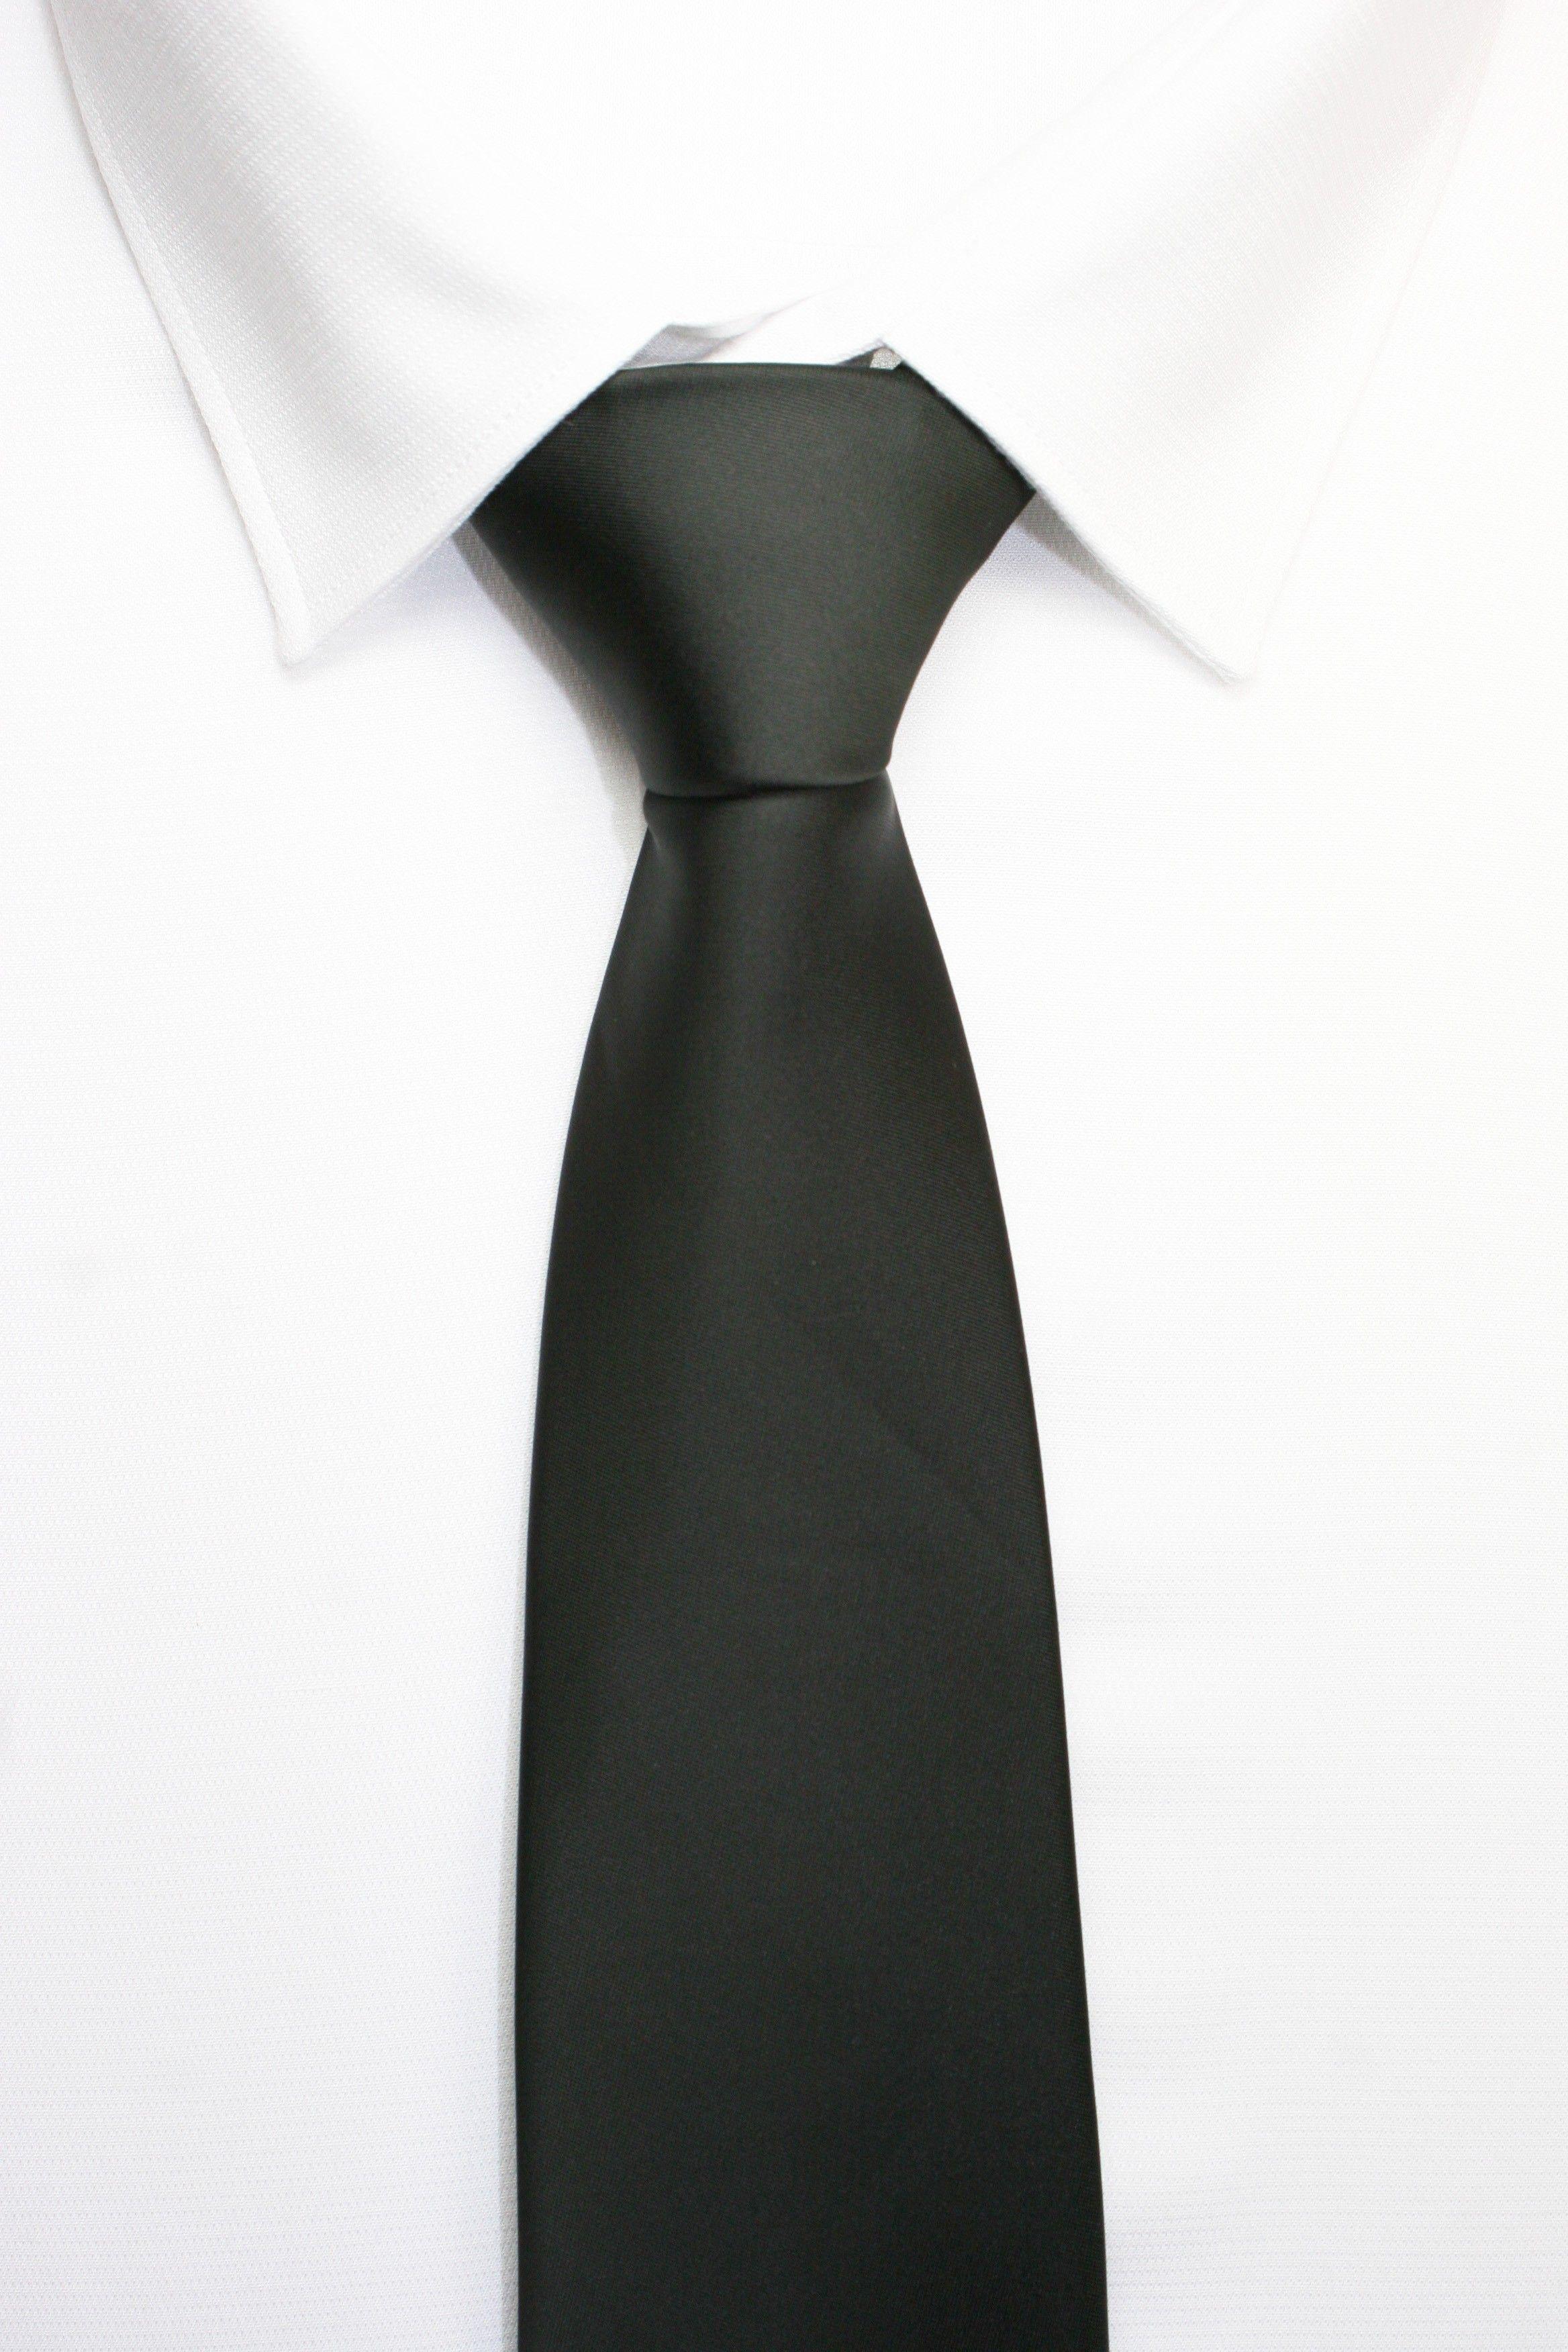 nuevo diseño en pies tiros de buscar el más nuevo Comprar Corbata Clasica Negra Online | KNOT | Corbatas ...